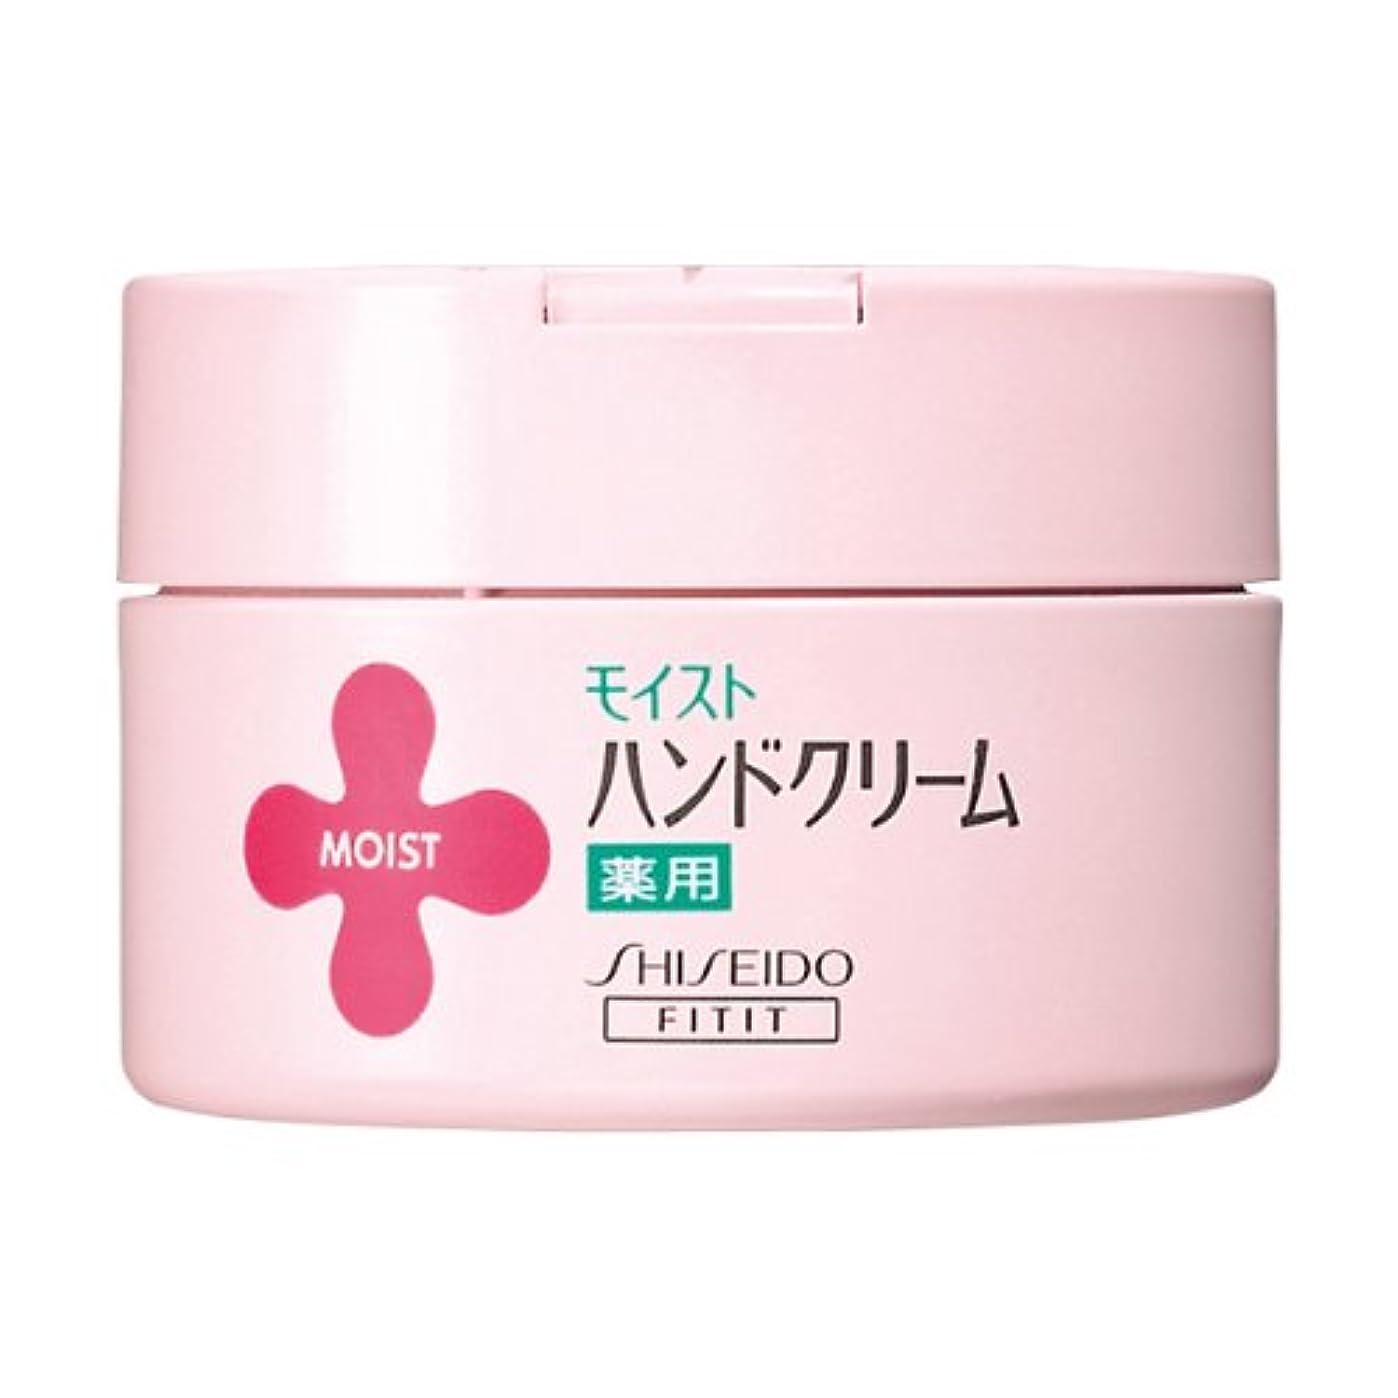 明らか強調する故国モイスト 薬用ハンドクリームUR L 120g 【医薬部外品】